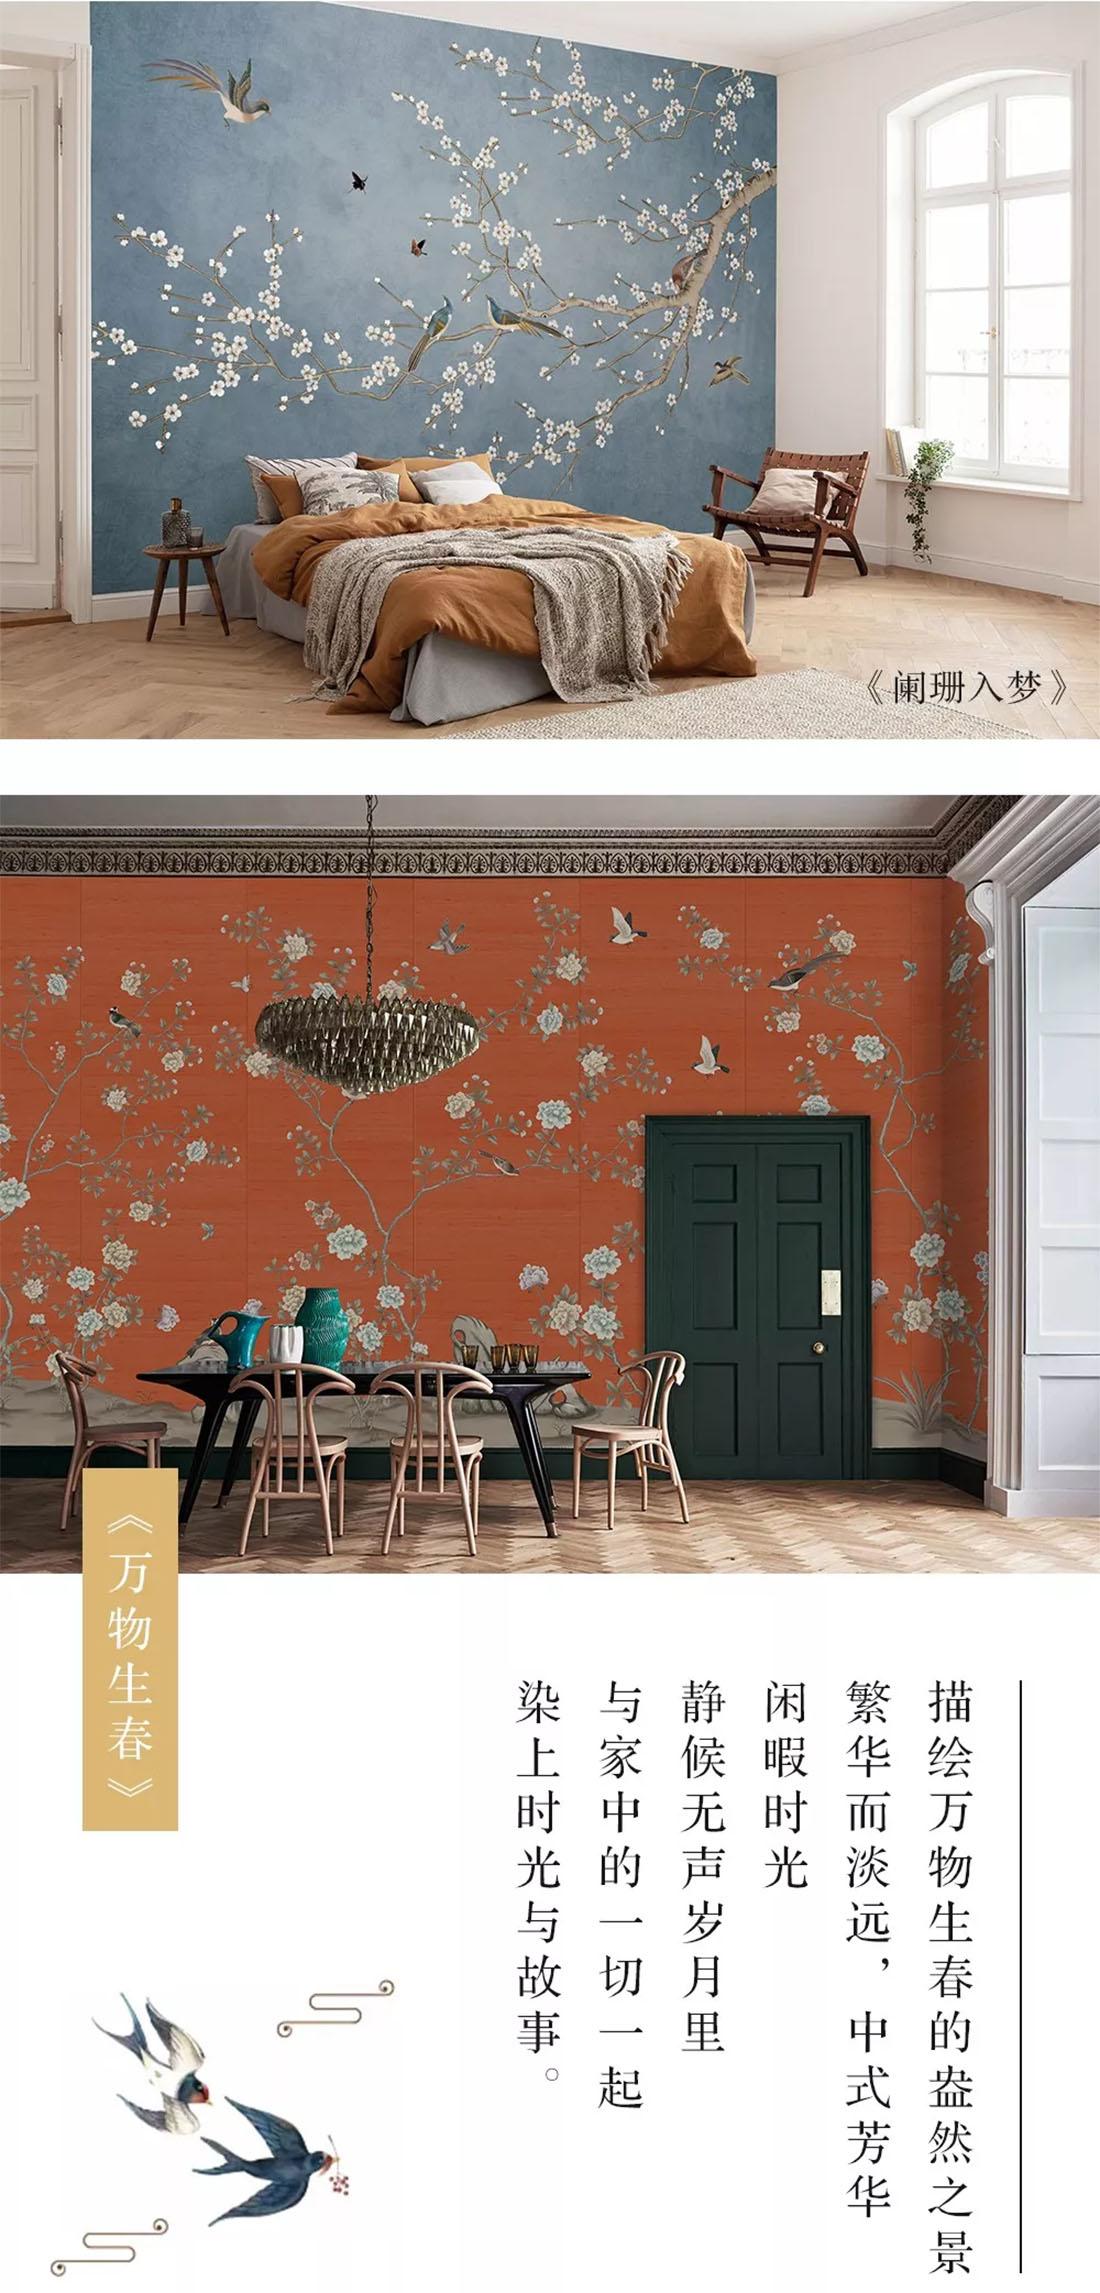 桃花喜鹊青色新中式壁画